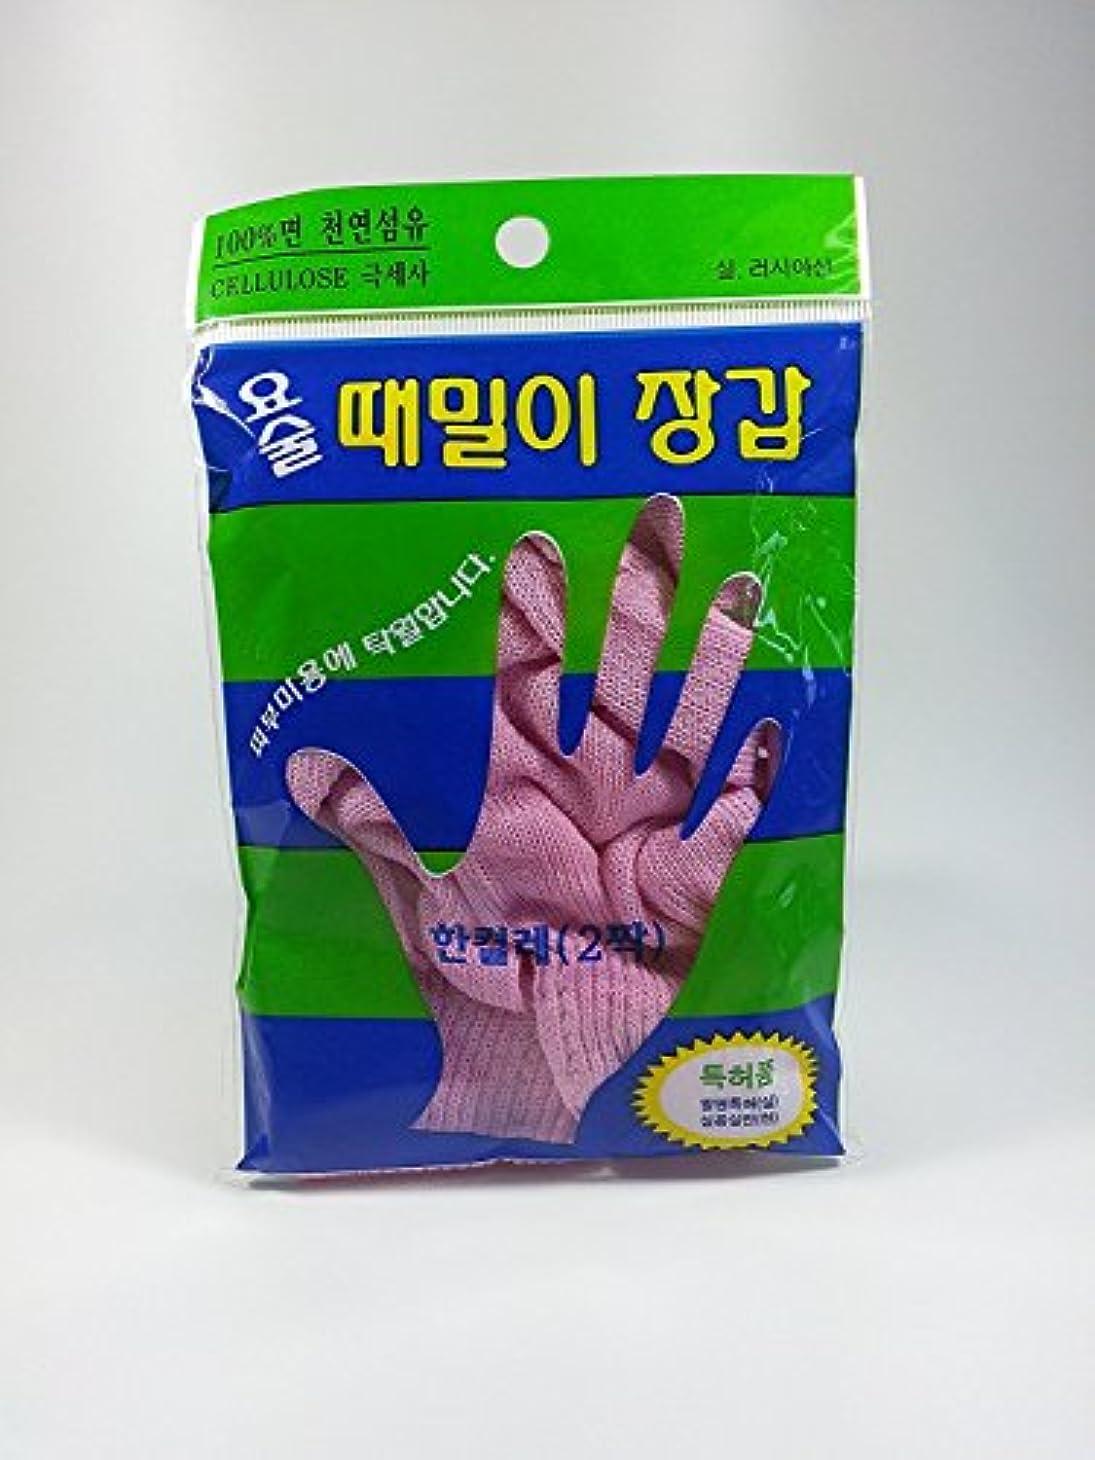 レバー抑圧するどちらもジョンジュン産業 韓国式 垢すり 手袋 バスグローブ 5本指 ボディスクラブ 100% 天然セルロース繊維製 ???? ??????? Magic Korean Body Back Scrub [並行輸入品]